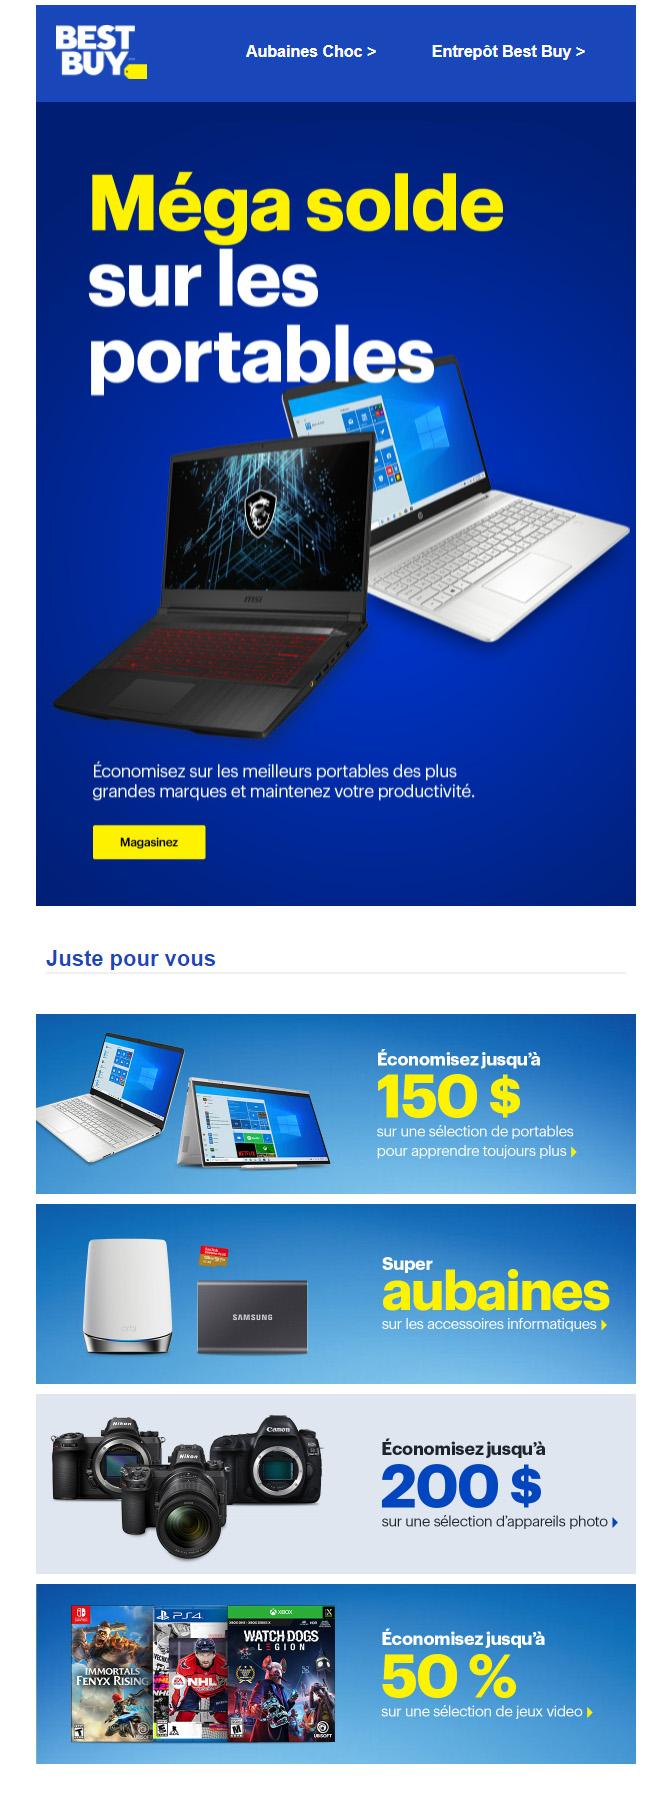 économisez Gros Sur Les Portables Pour La Rentrée.